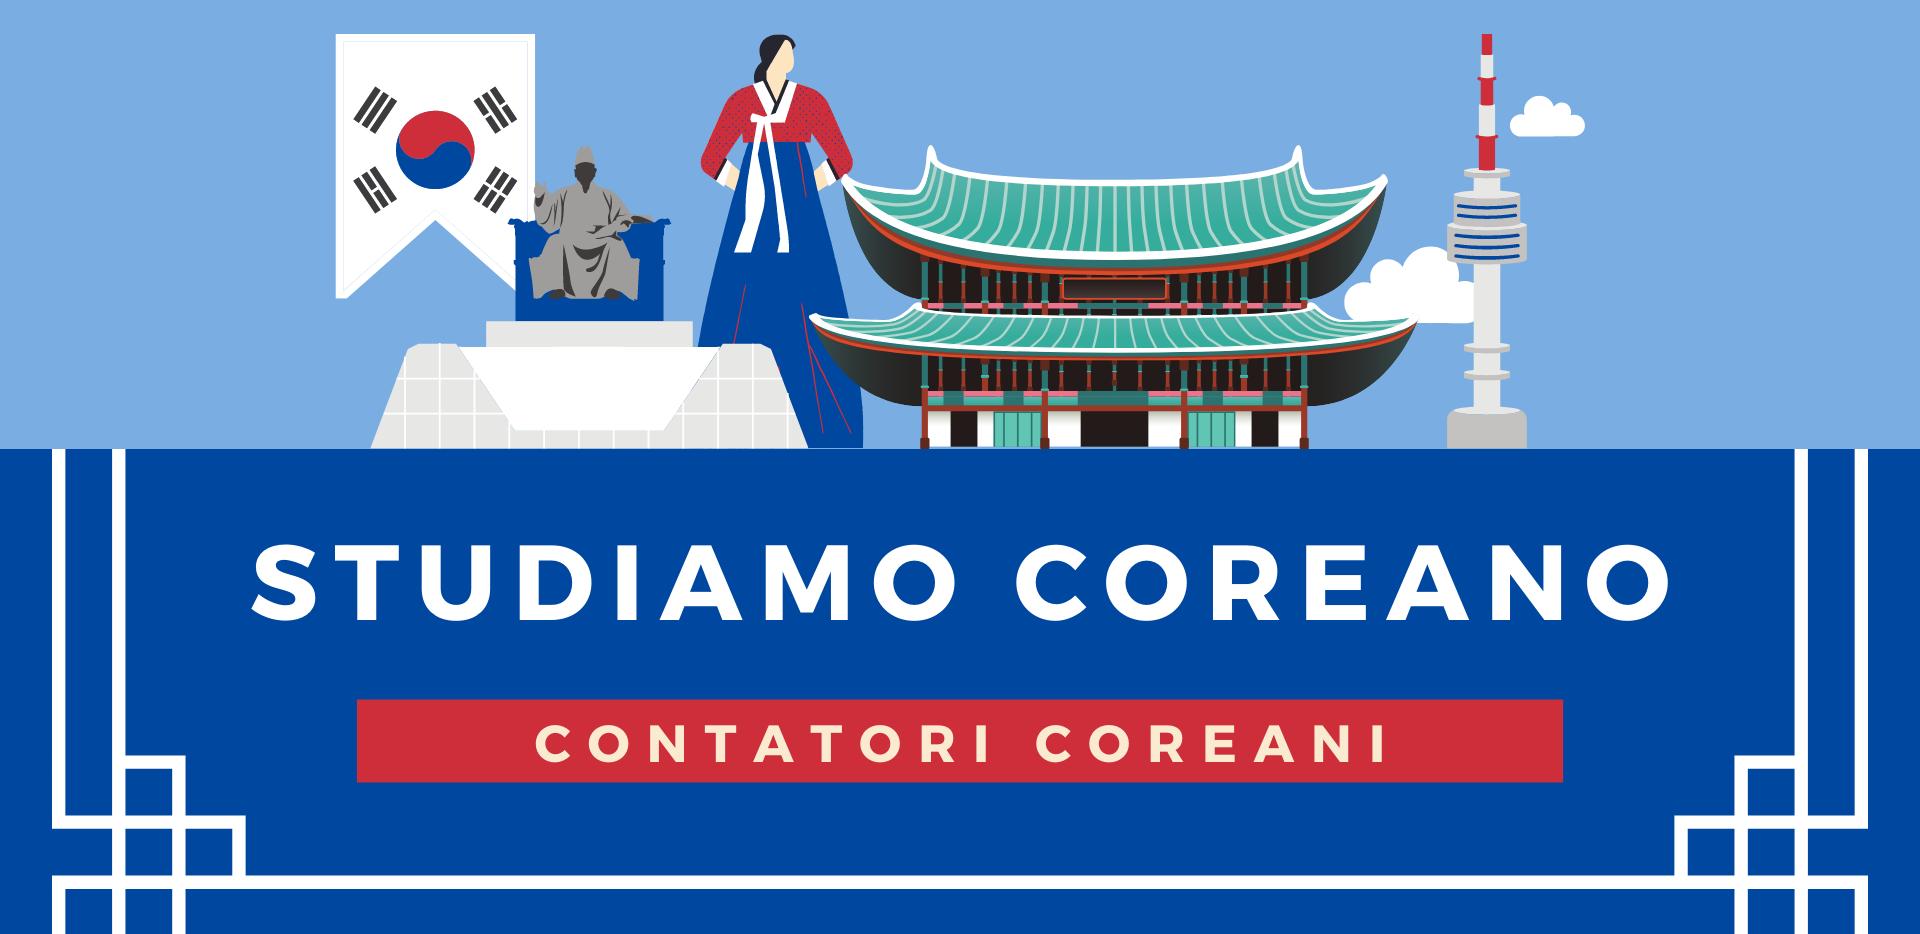 contatori coreani